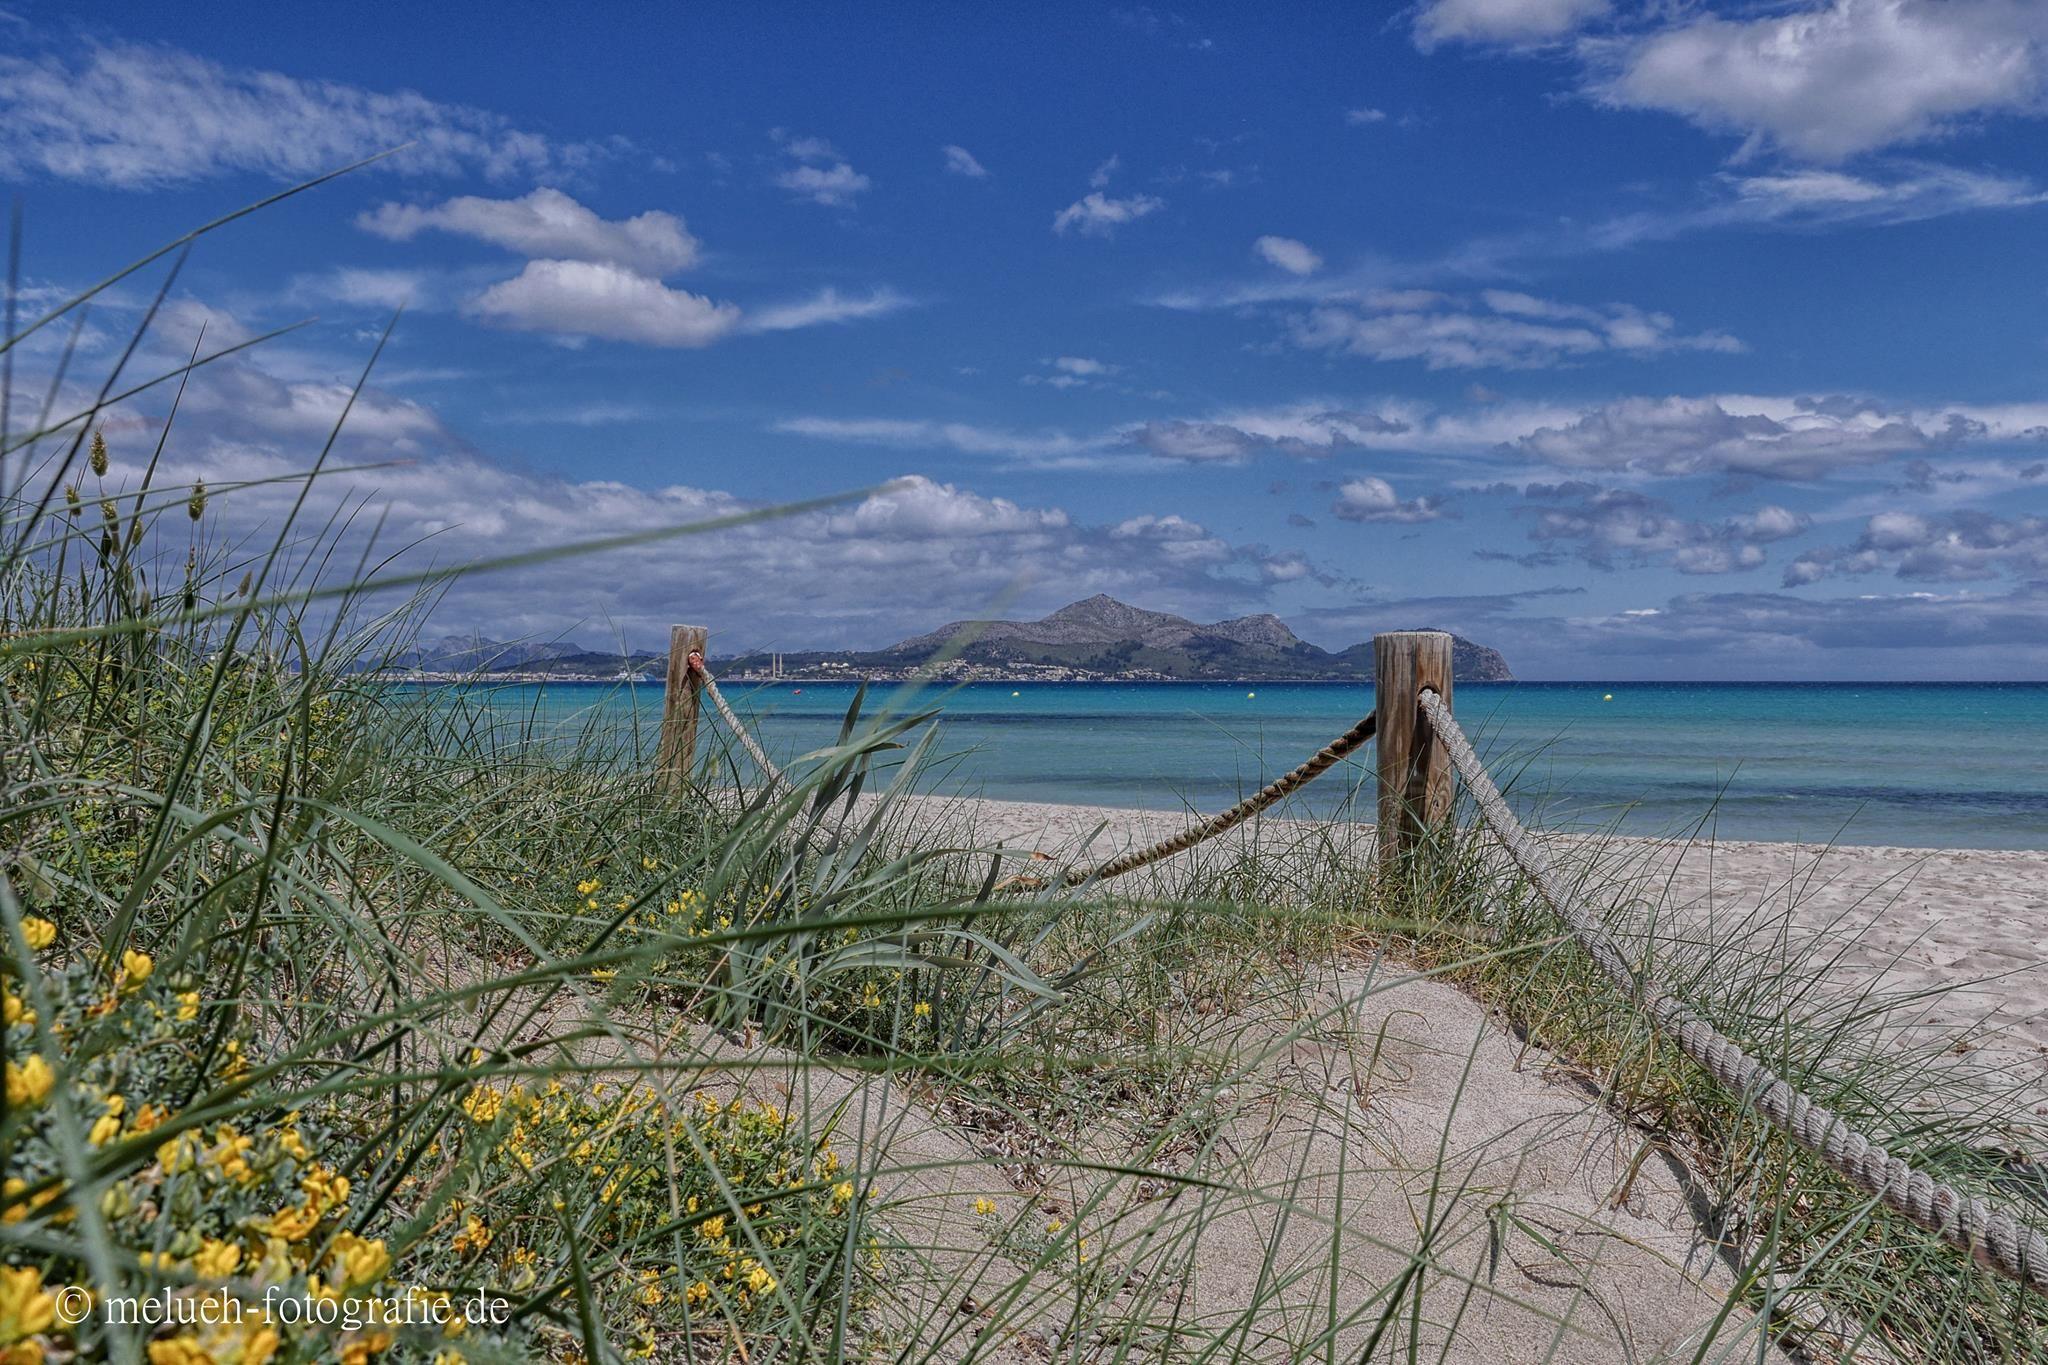 Muro Beach. Mallorca  https://www.facebook.com/Andrea.melueh/photos